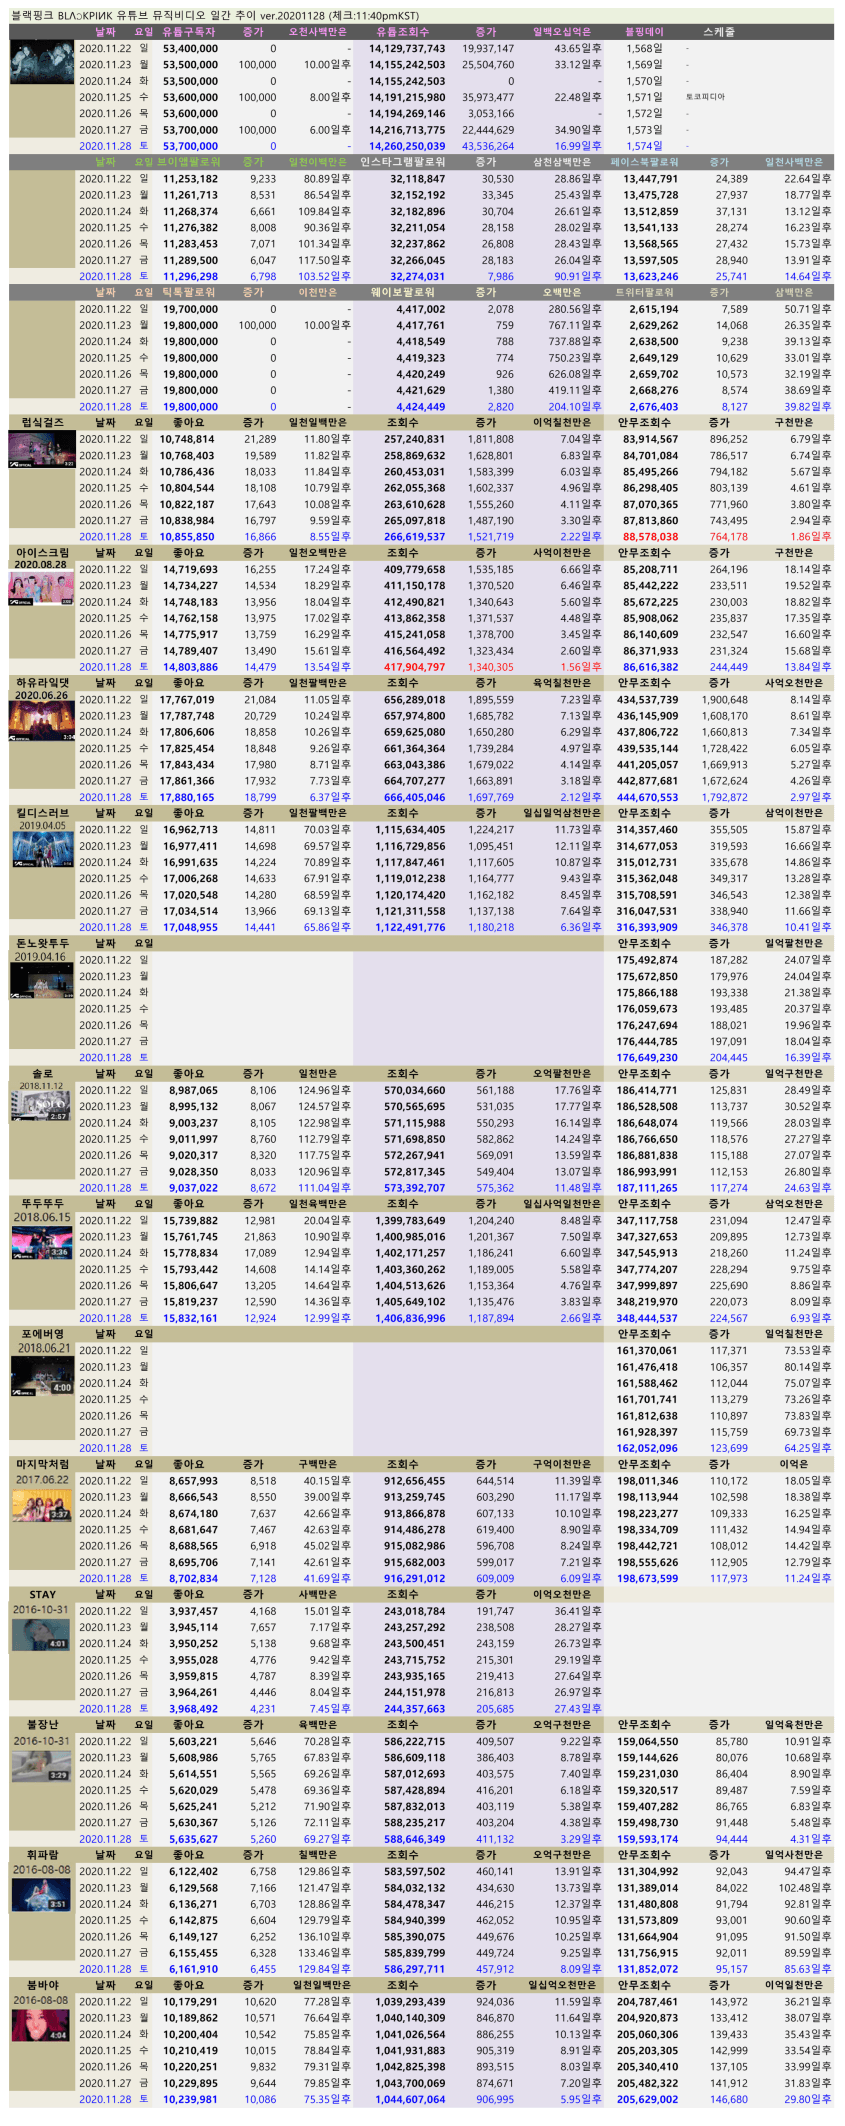 viewimage.php?id=2fb1d125eec231a865&no=24b0d769e1d32ca73fec84fa11d0283195228ddcef8f2e560a89fed9a737e1201d6d8aefea26fd9dc2d7ce5c6f3738ddd99dd44daddc7428fd79f71a77e27701bf2bd1c3